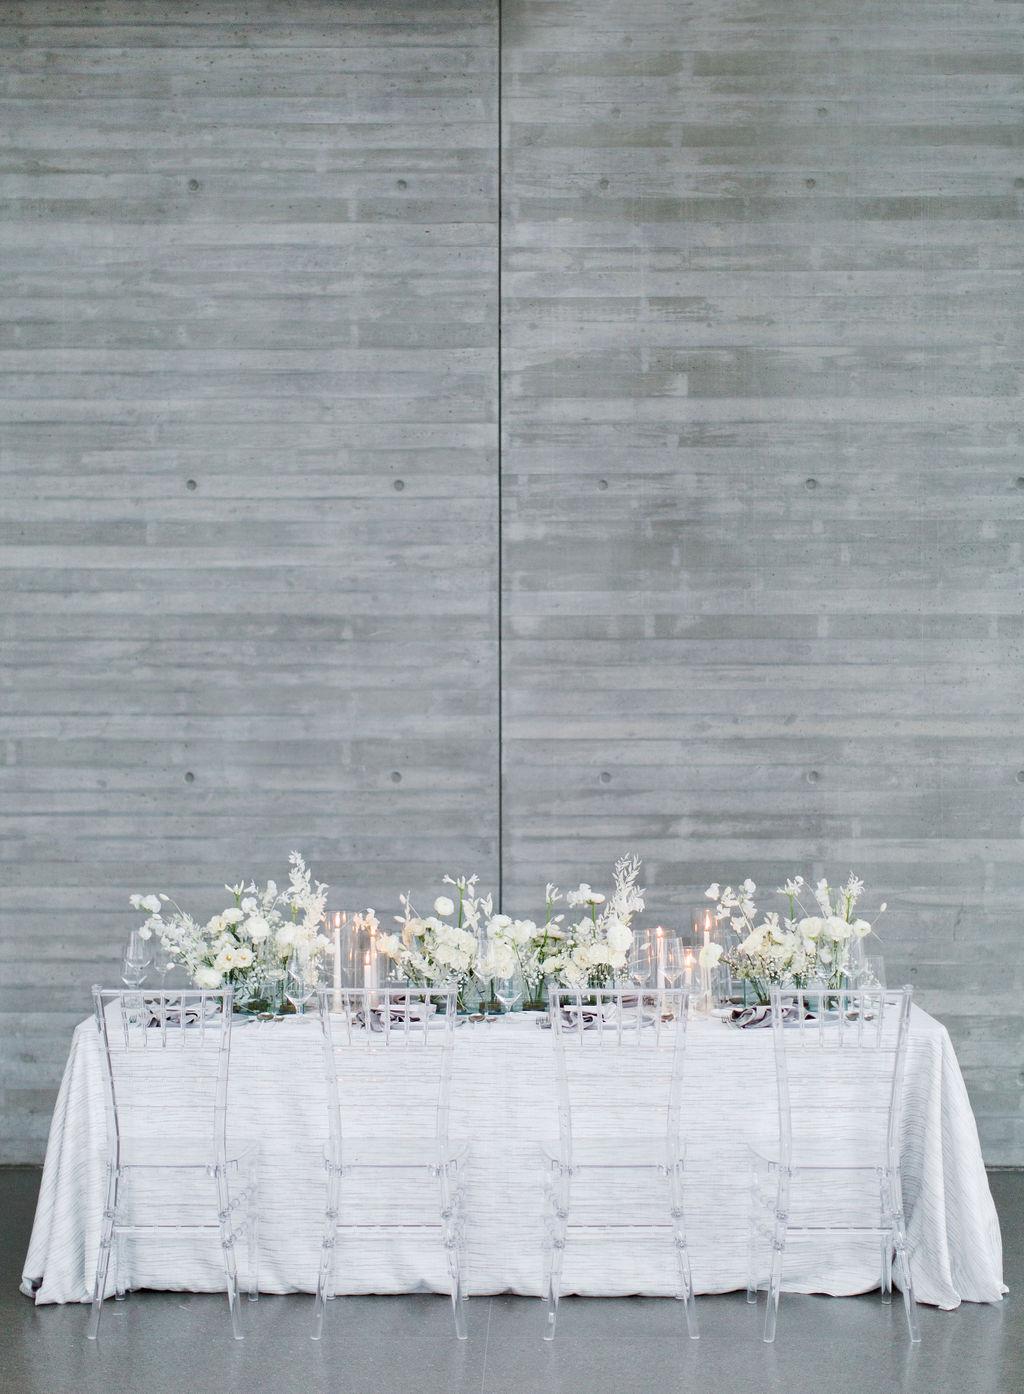 louisville-wedding-planner-event-design-samantha-joy-events.jpg